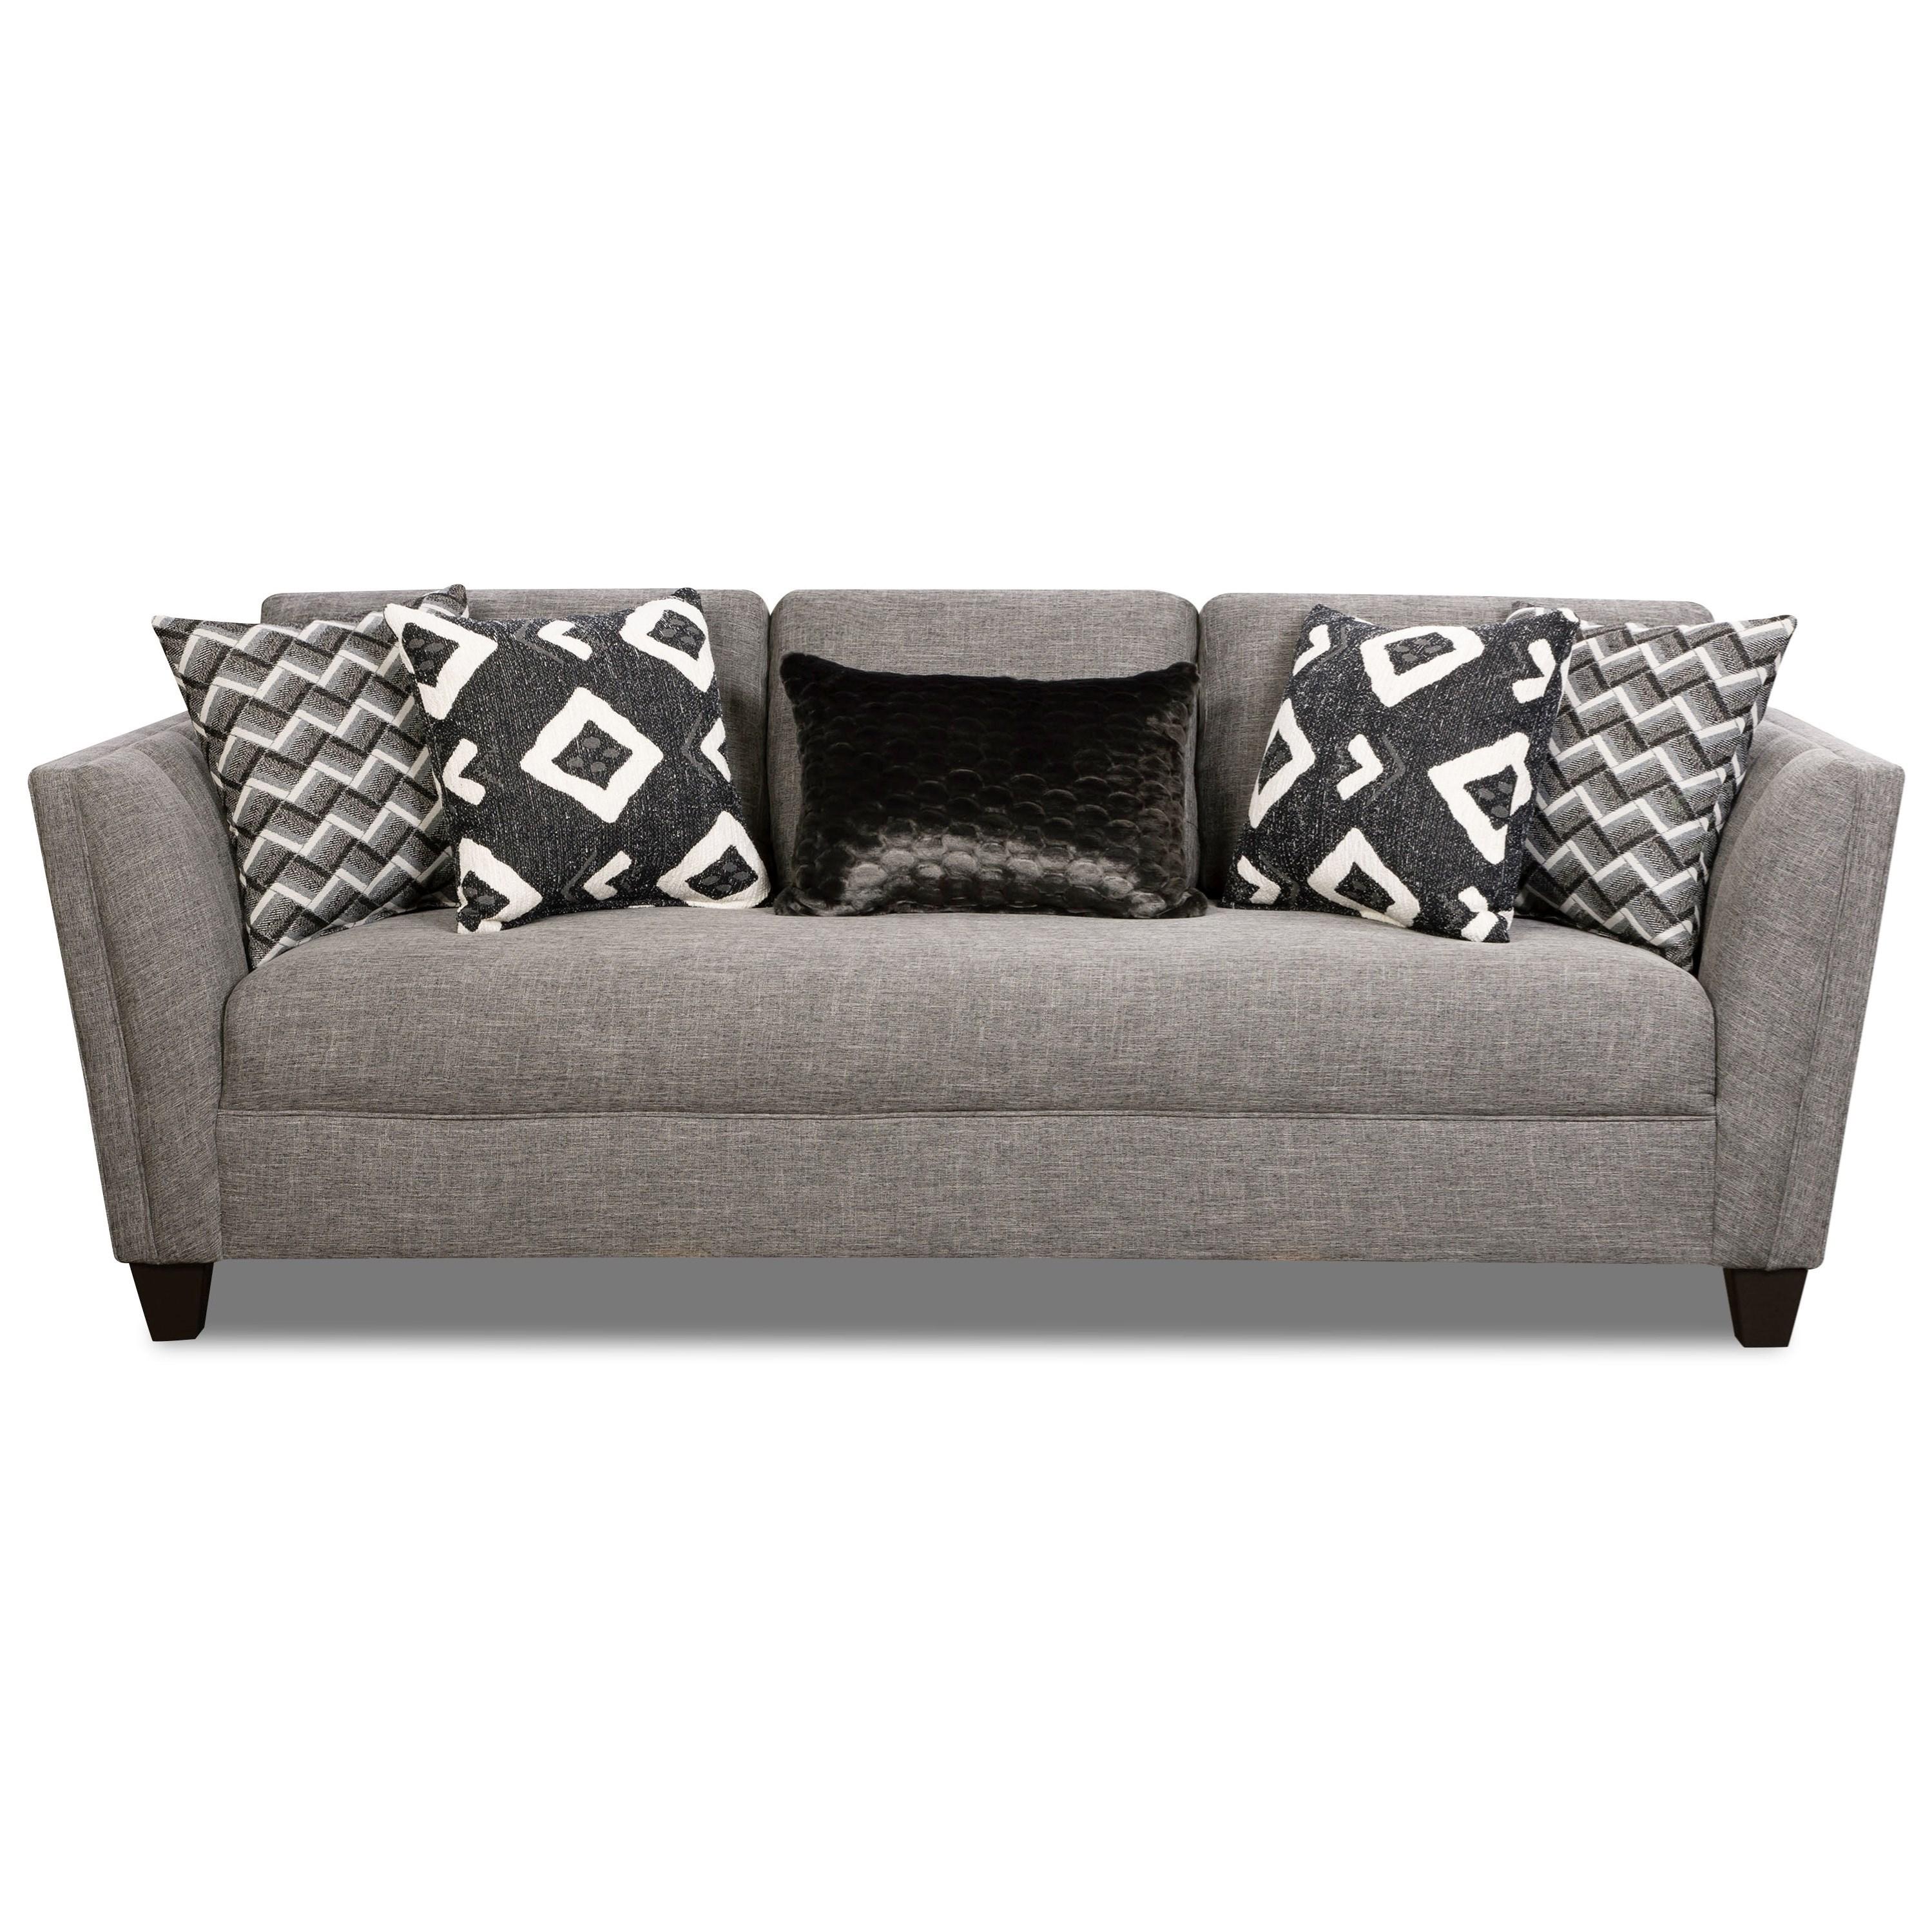 Corinthian Paradigm Carbon Sofa - Item Number: 6203-Paradigm-Carbon